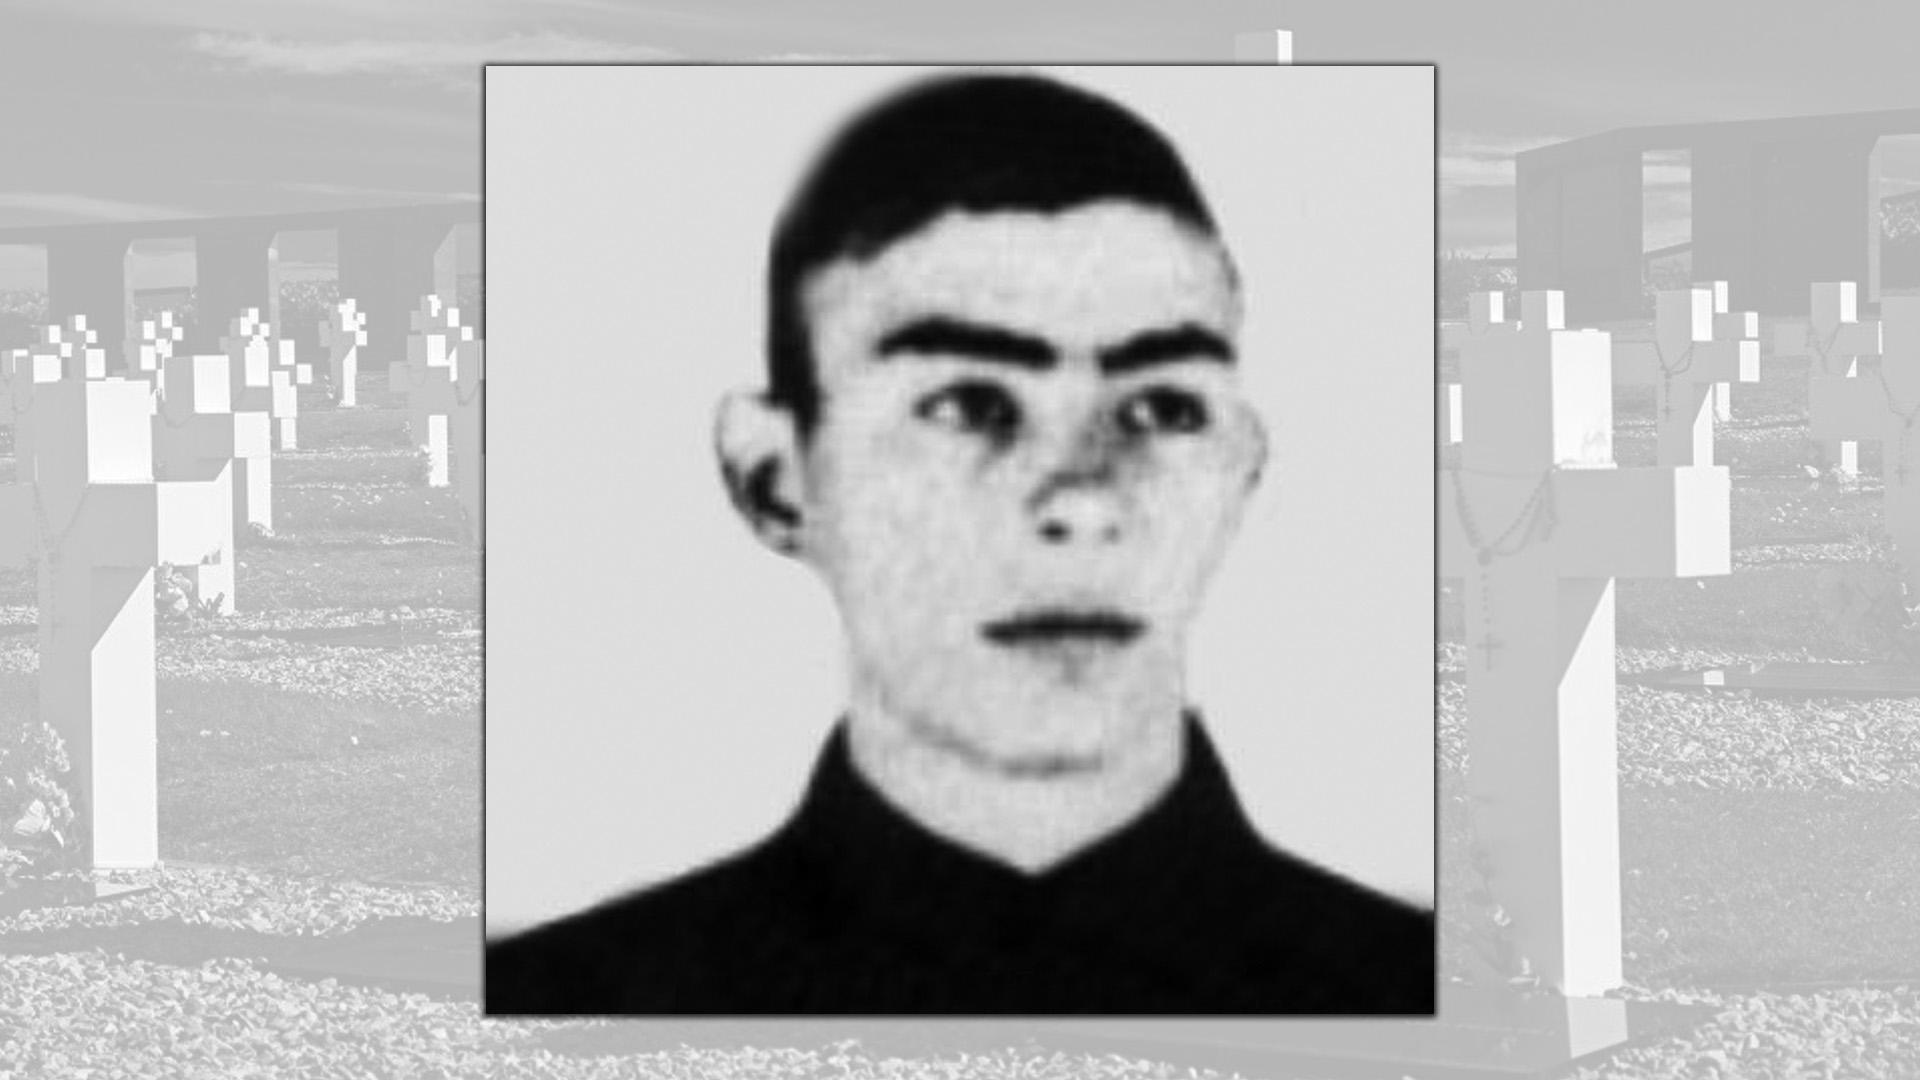 Mario Ramón Luna, tenía 18 años, era cabo de la Policía Militar y en reconocimiento a su coraje le fue otorgada la Cruz de la nación Argentina al Valor en Combate.Cayó peleando en Pradera del Ganso